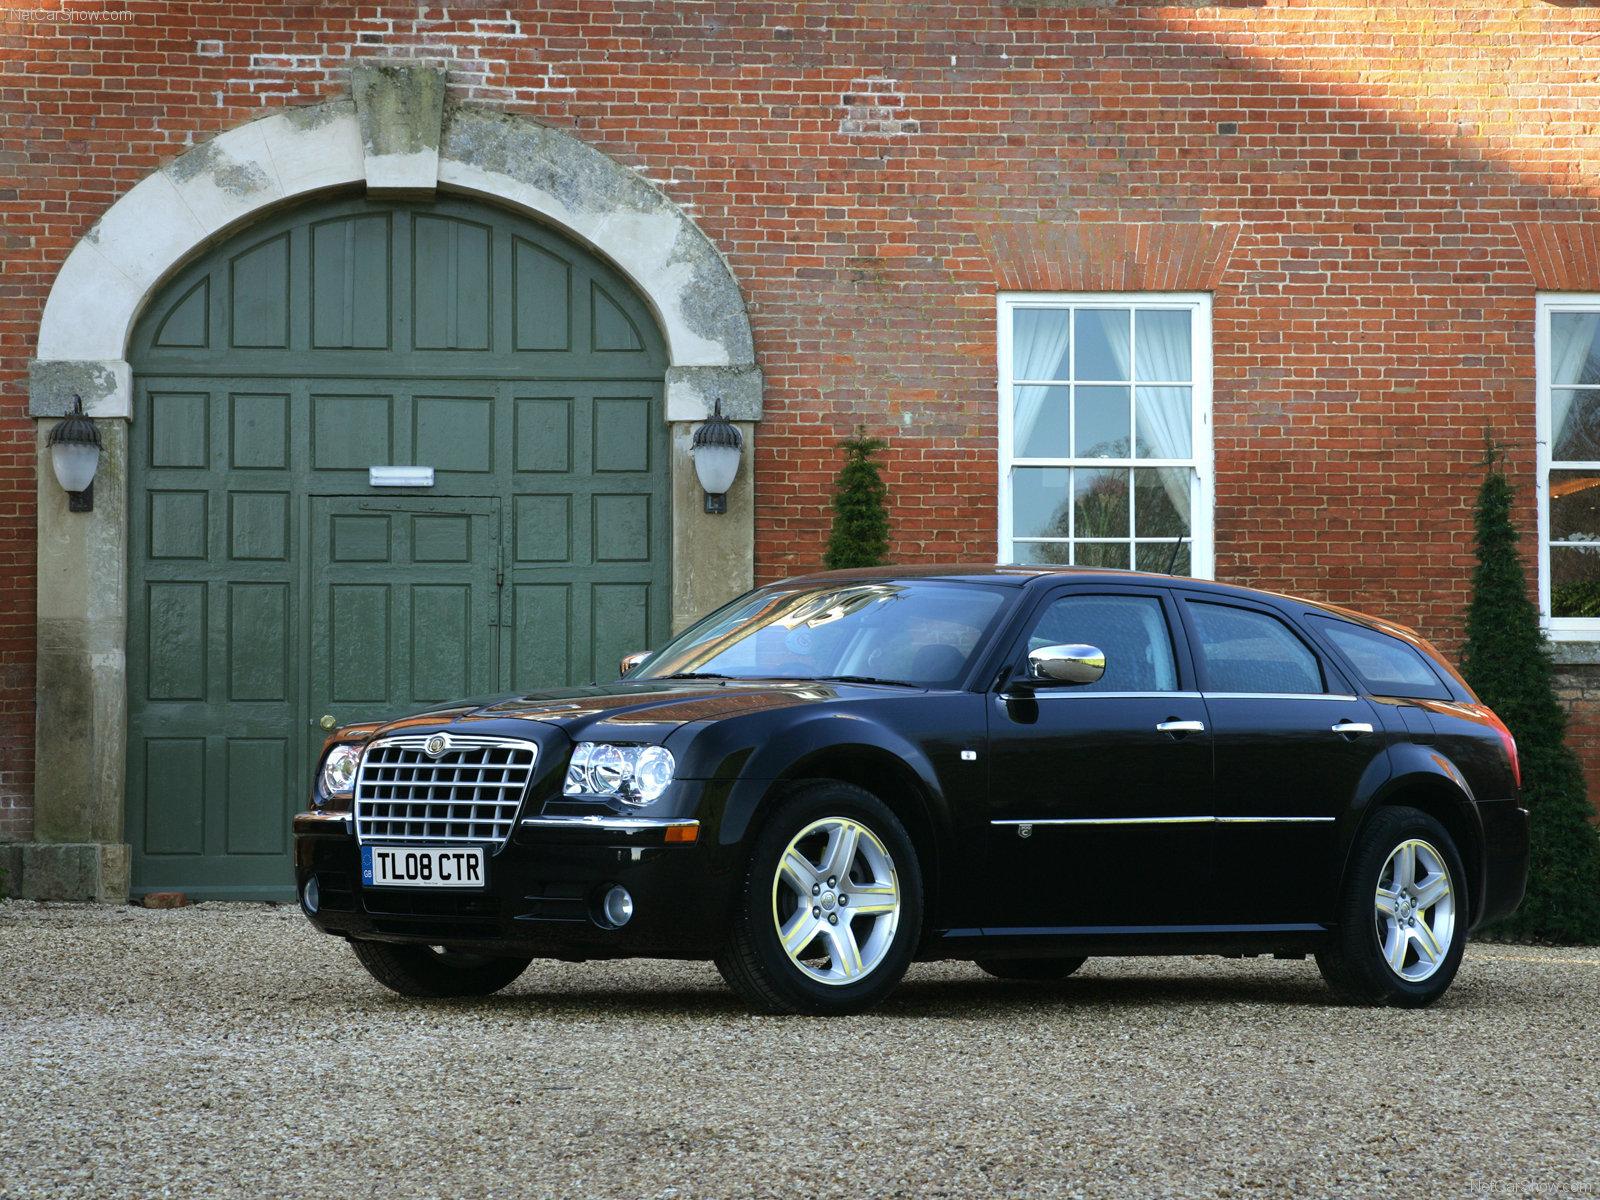 Hình ảnh xe ô tô Chrysler 300C Touring UK Version 2008 & nội ngoại thất